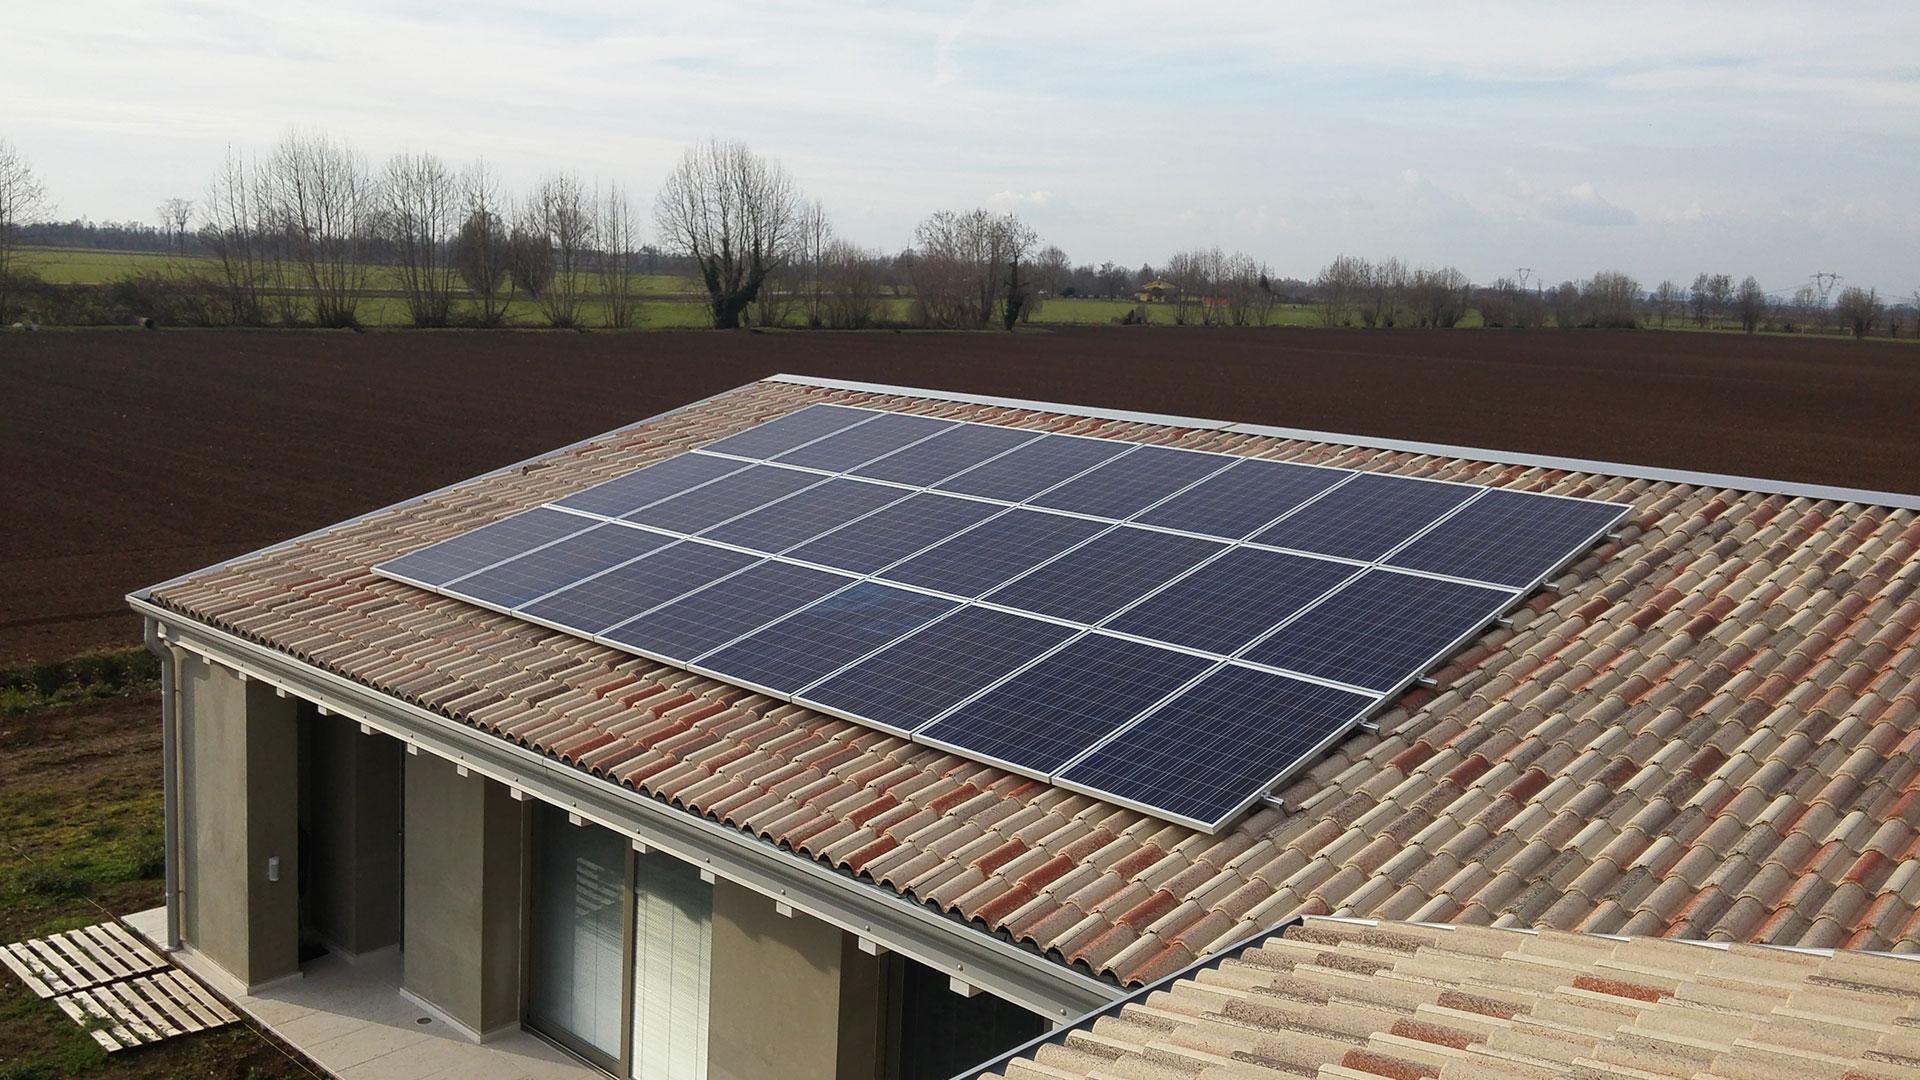 Schema Elettrico Impianto Fotovoltaico 6 Kw : Fotovoltaico kw